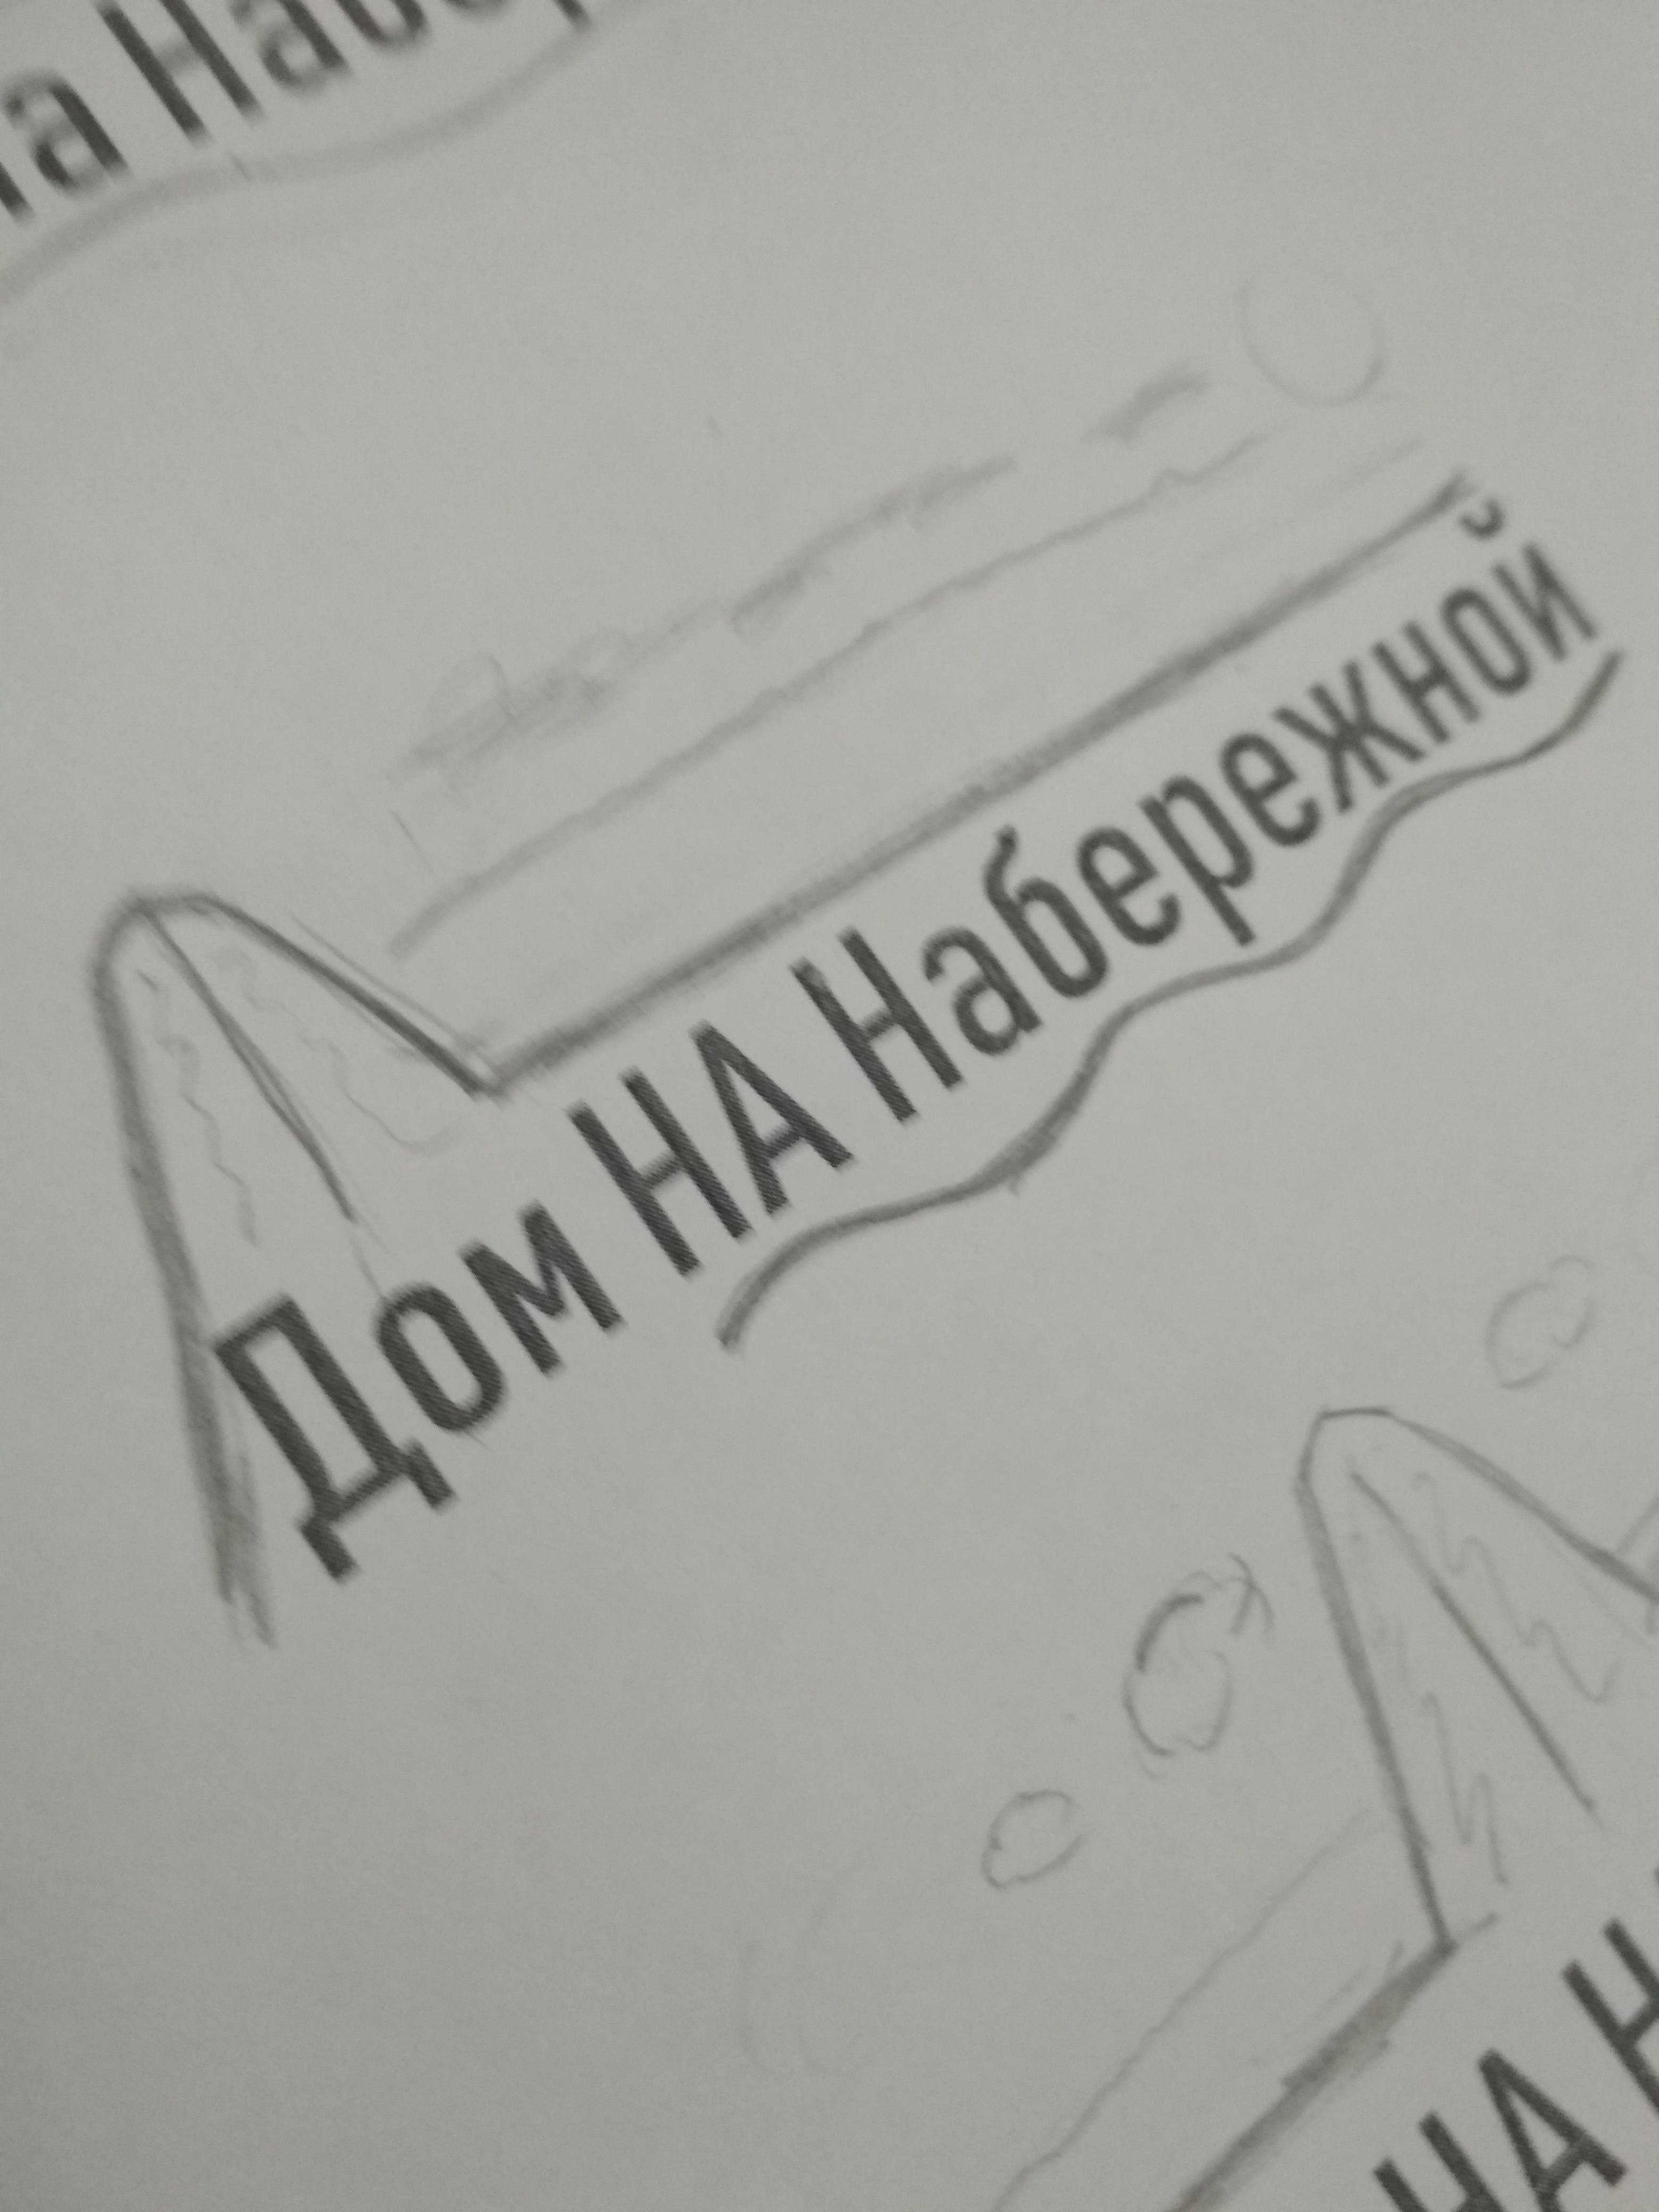 РАЗРАБОТКА логотипа для ЖИЛОГО КОМПЛЕКСА премиум В АНАПЕ.  фото f_5085de7ad7b3aafe.jpg